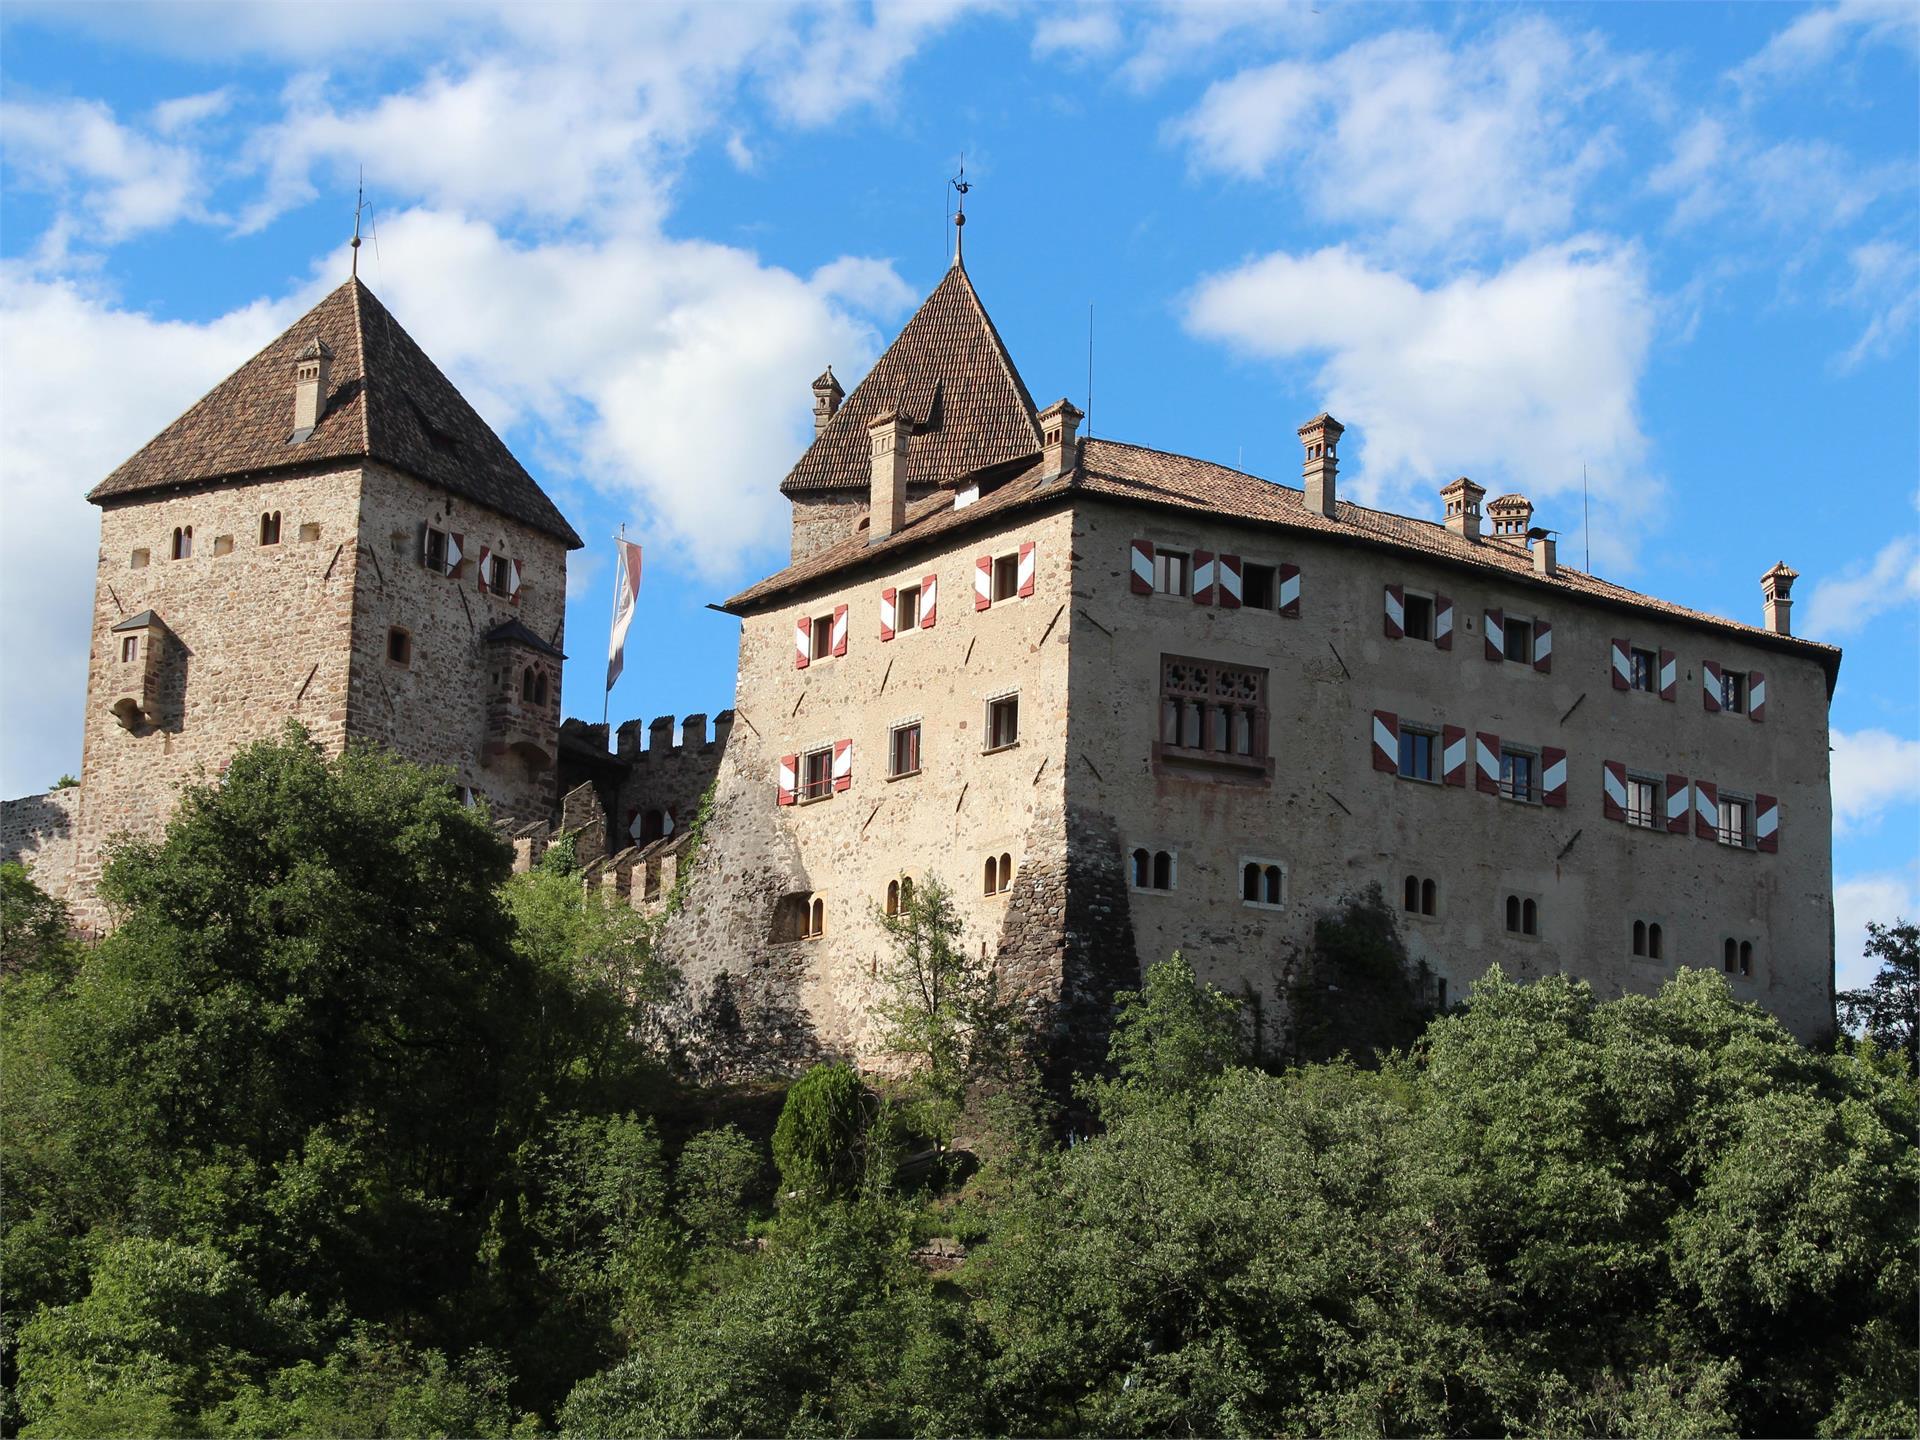 Castello Wehrburg